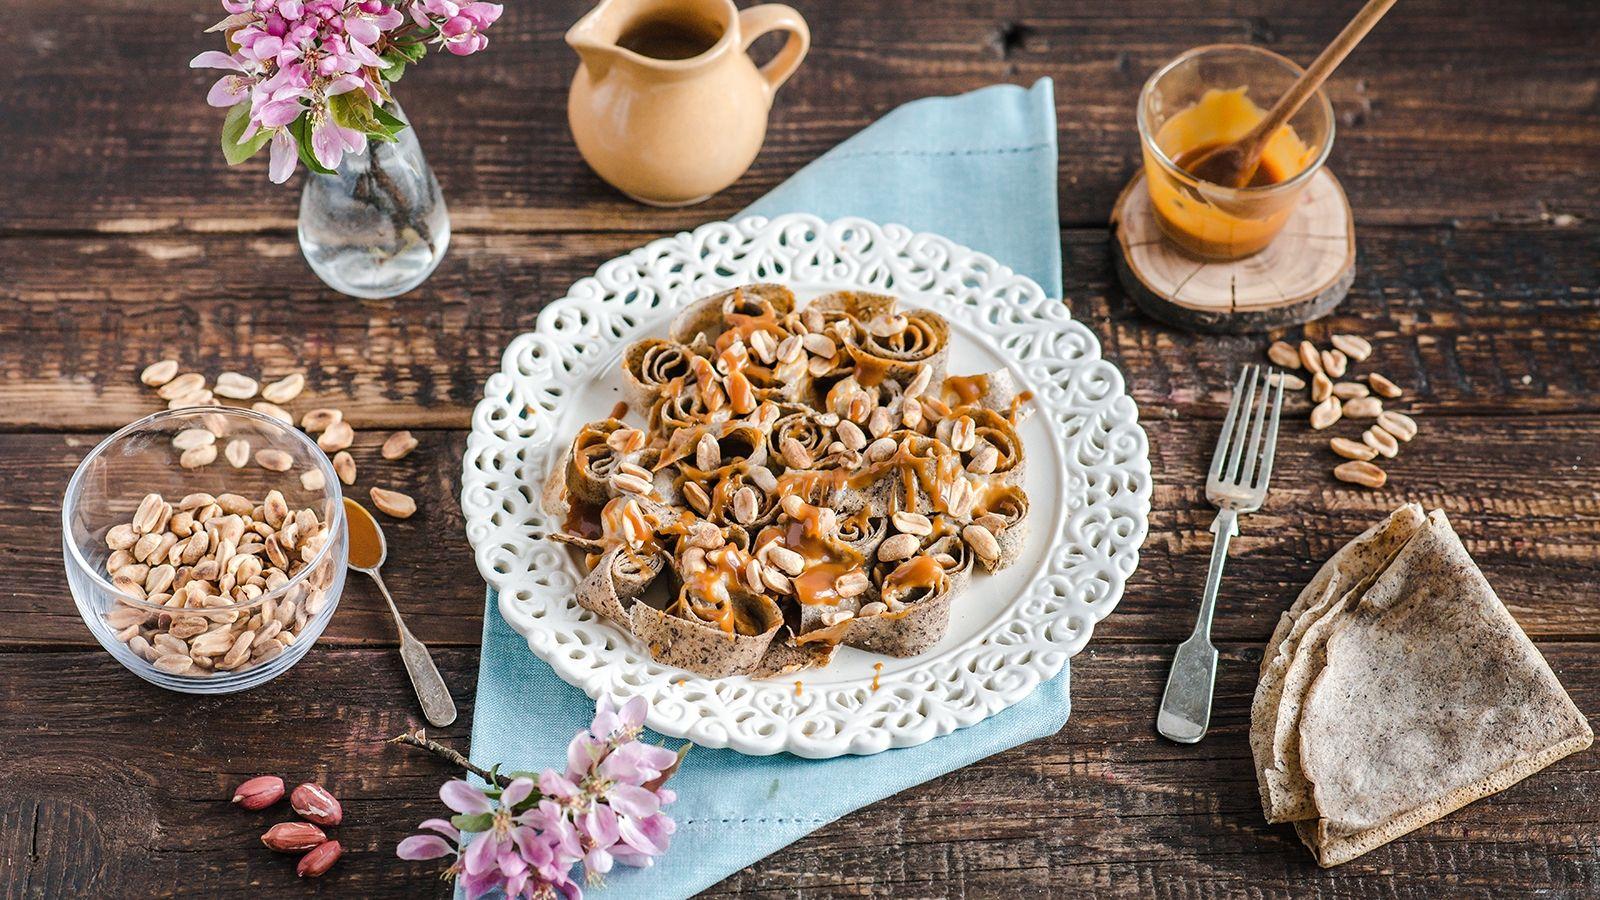 Gryczane naleśniki z solonym karmelem, bananem i prażonymi orzeszkami arachidowymi